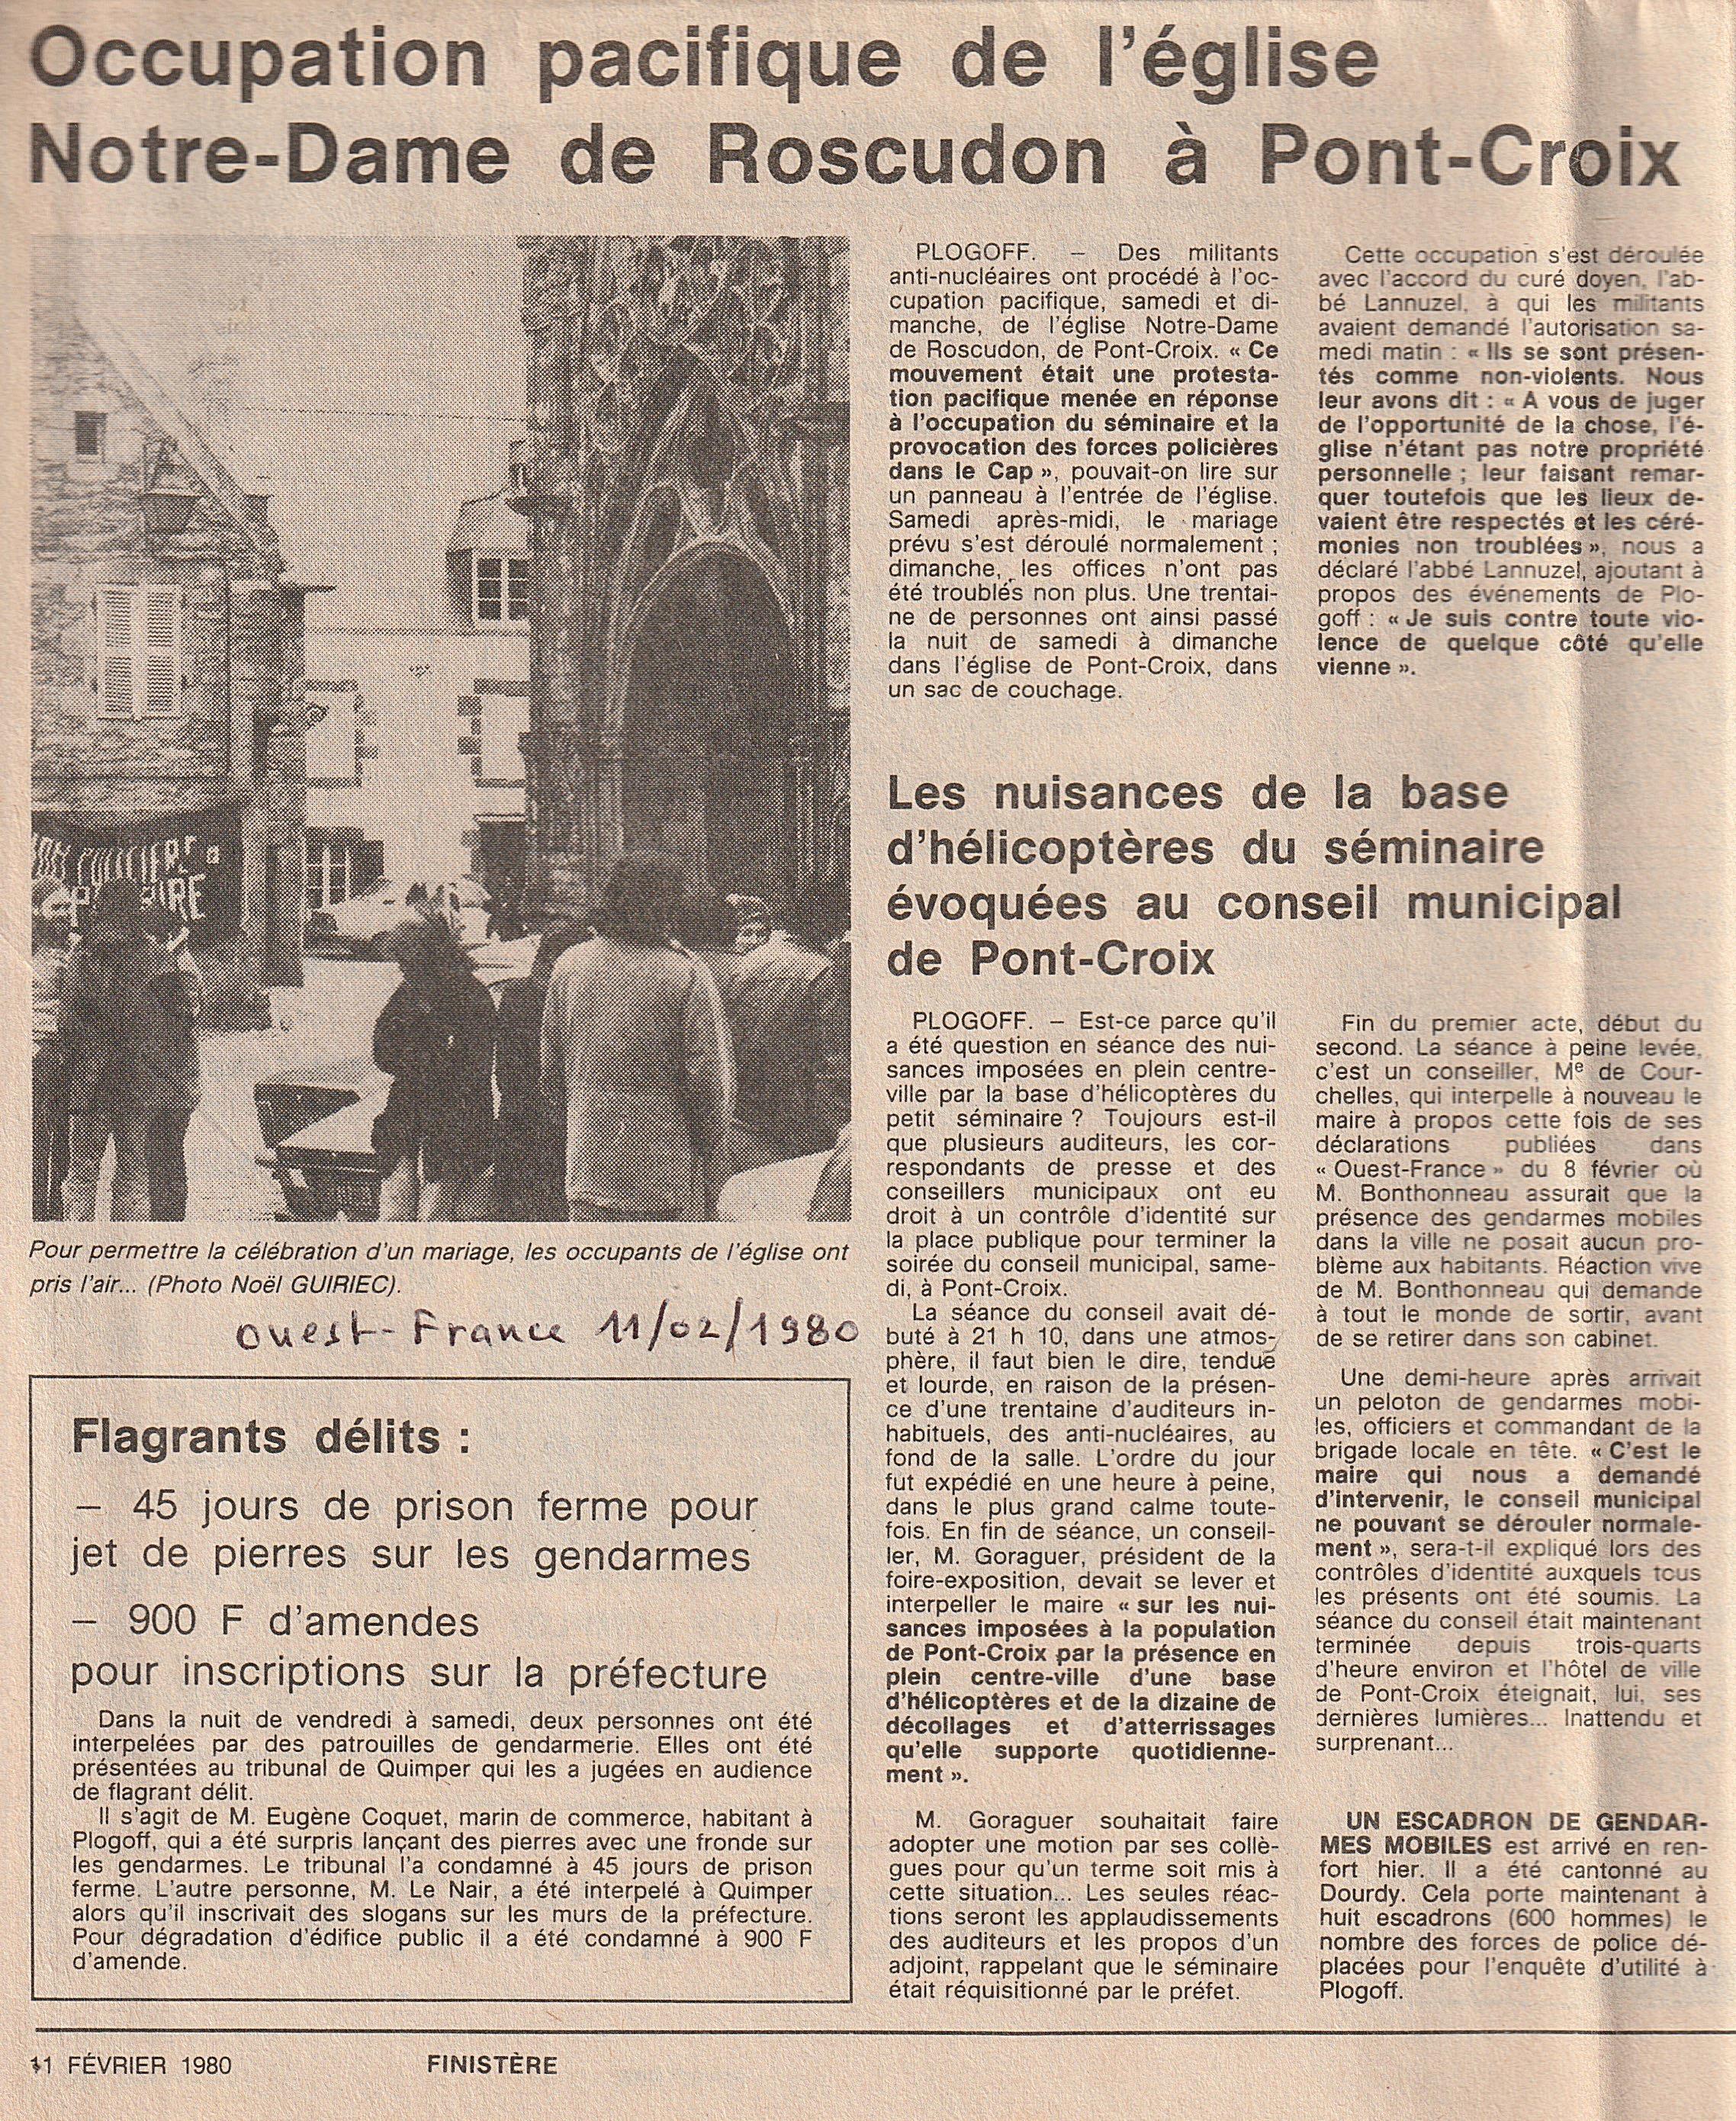 A_Pont-Croix_Eglise,_séminaire_et_hélico